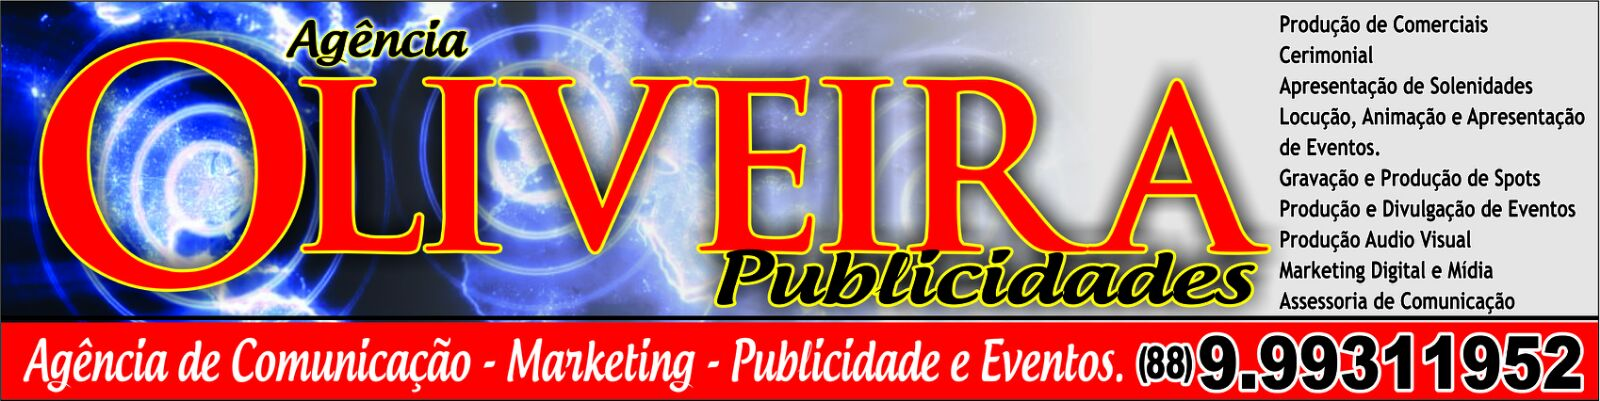 Agência de Comunicação e Publicidade.